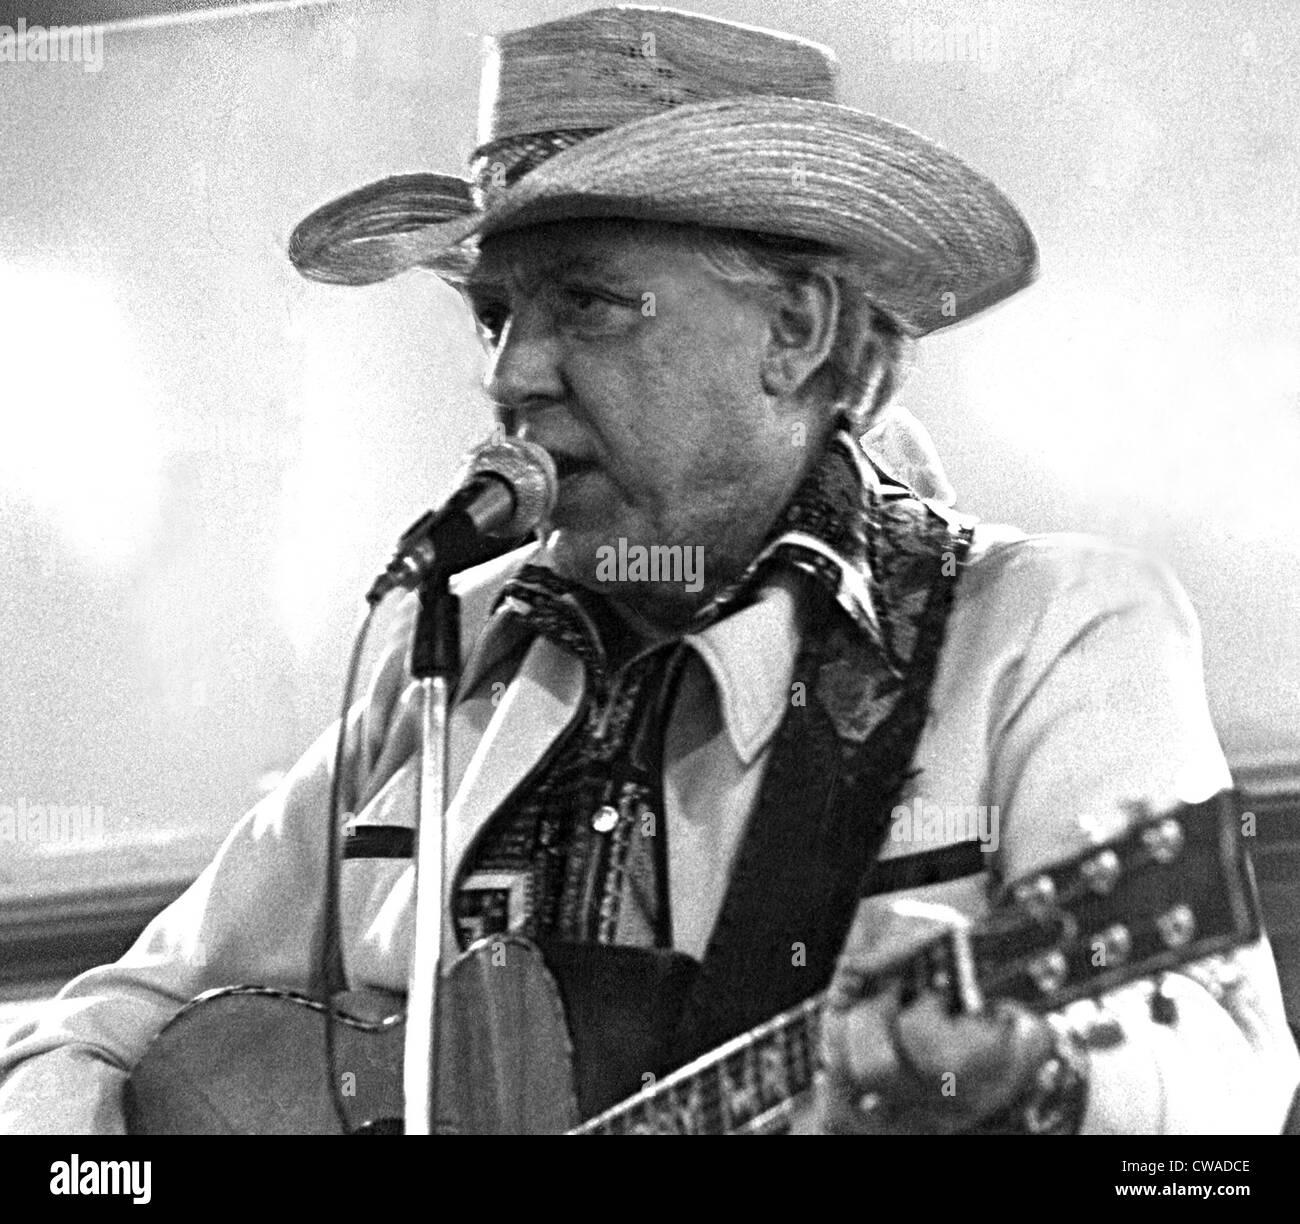 La chanteuse country western DAVE DUDLEY live, c. fin des années 1970. Avec la permission de la CSU: Photo Stock